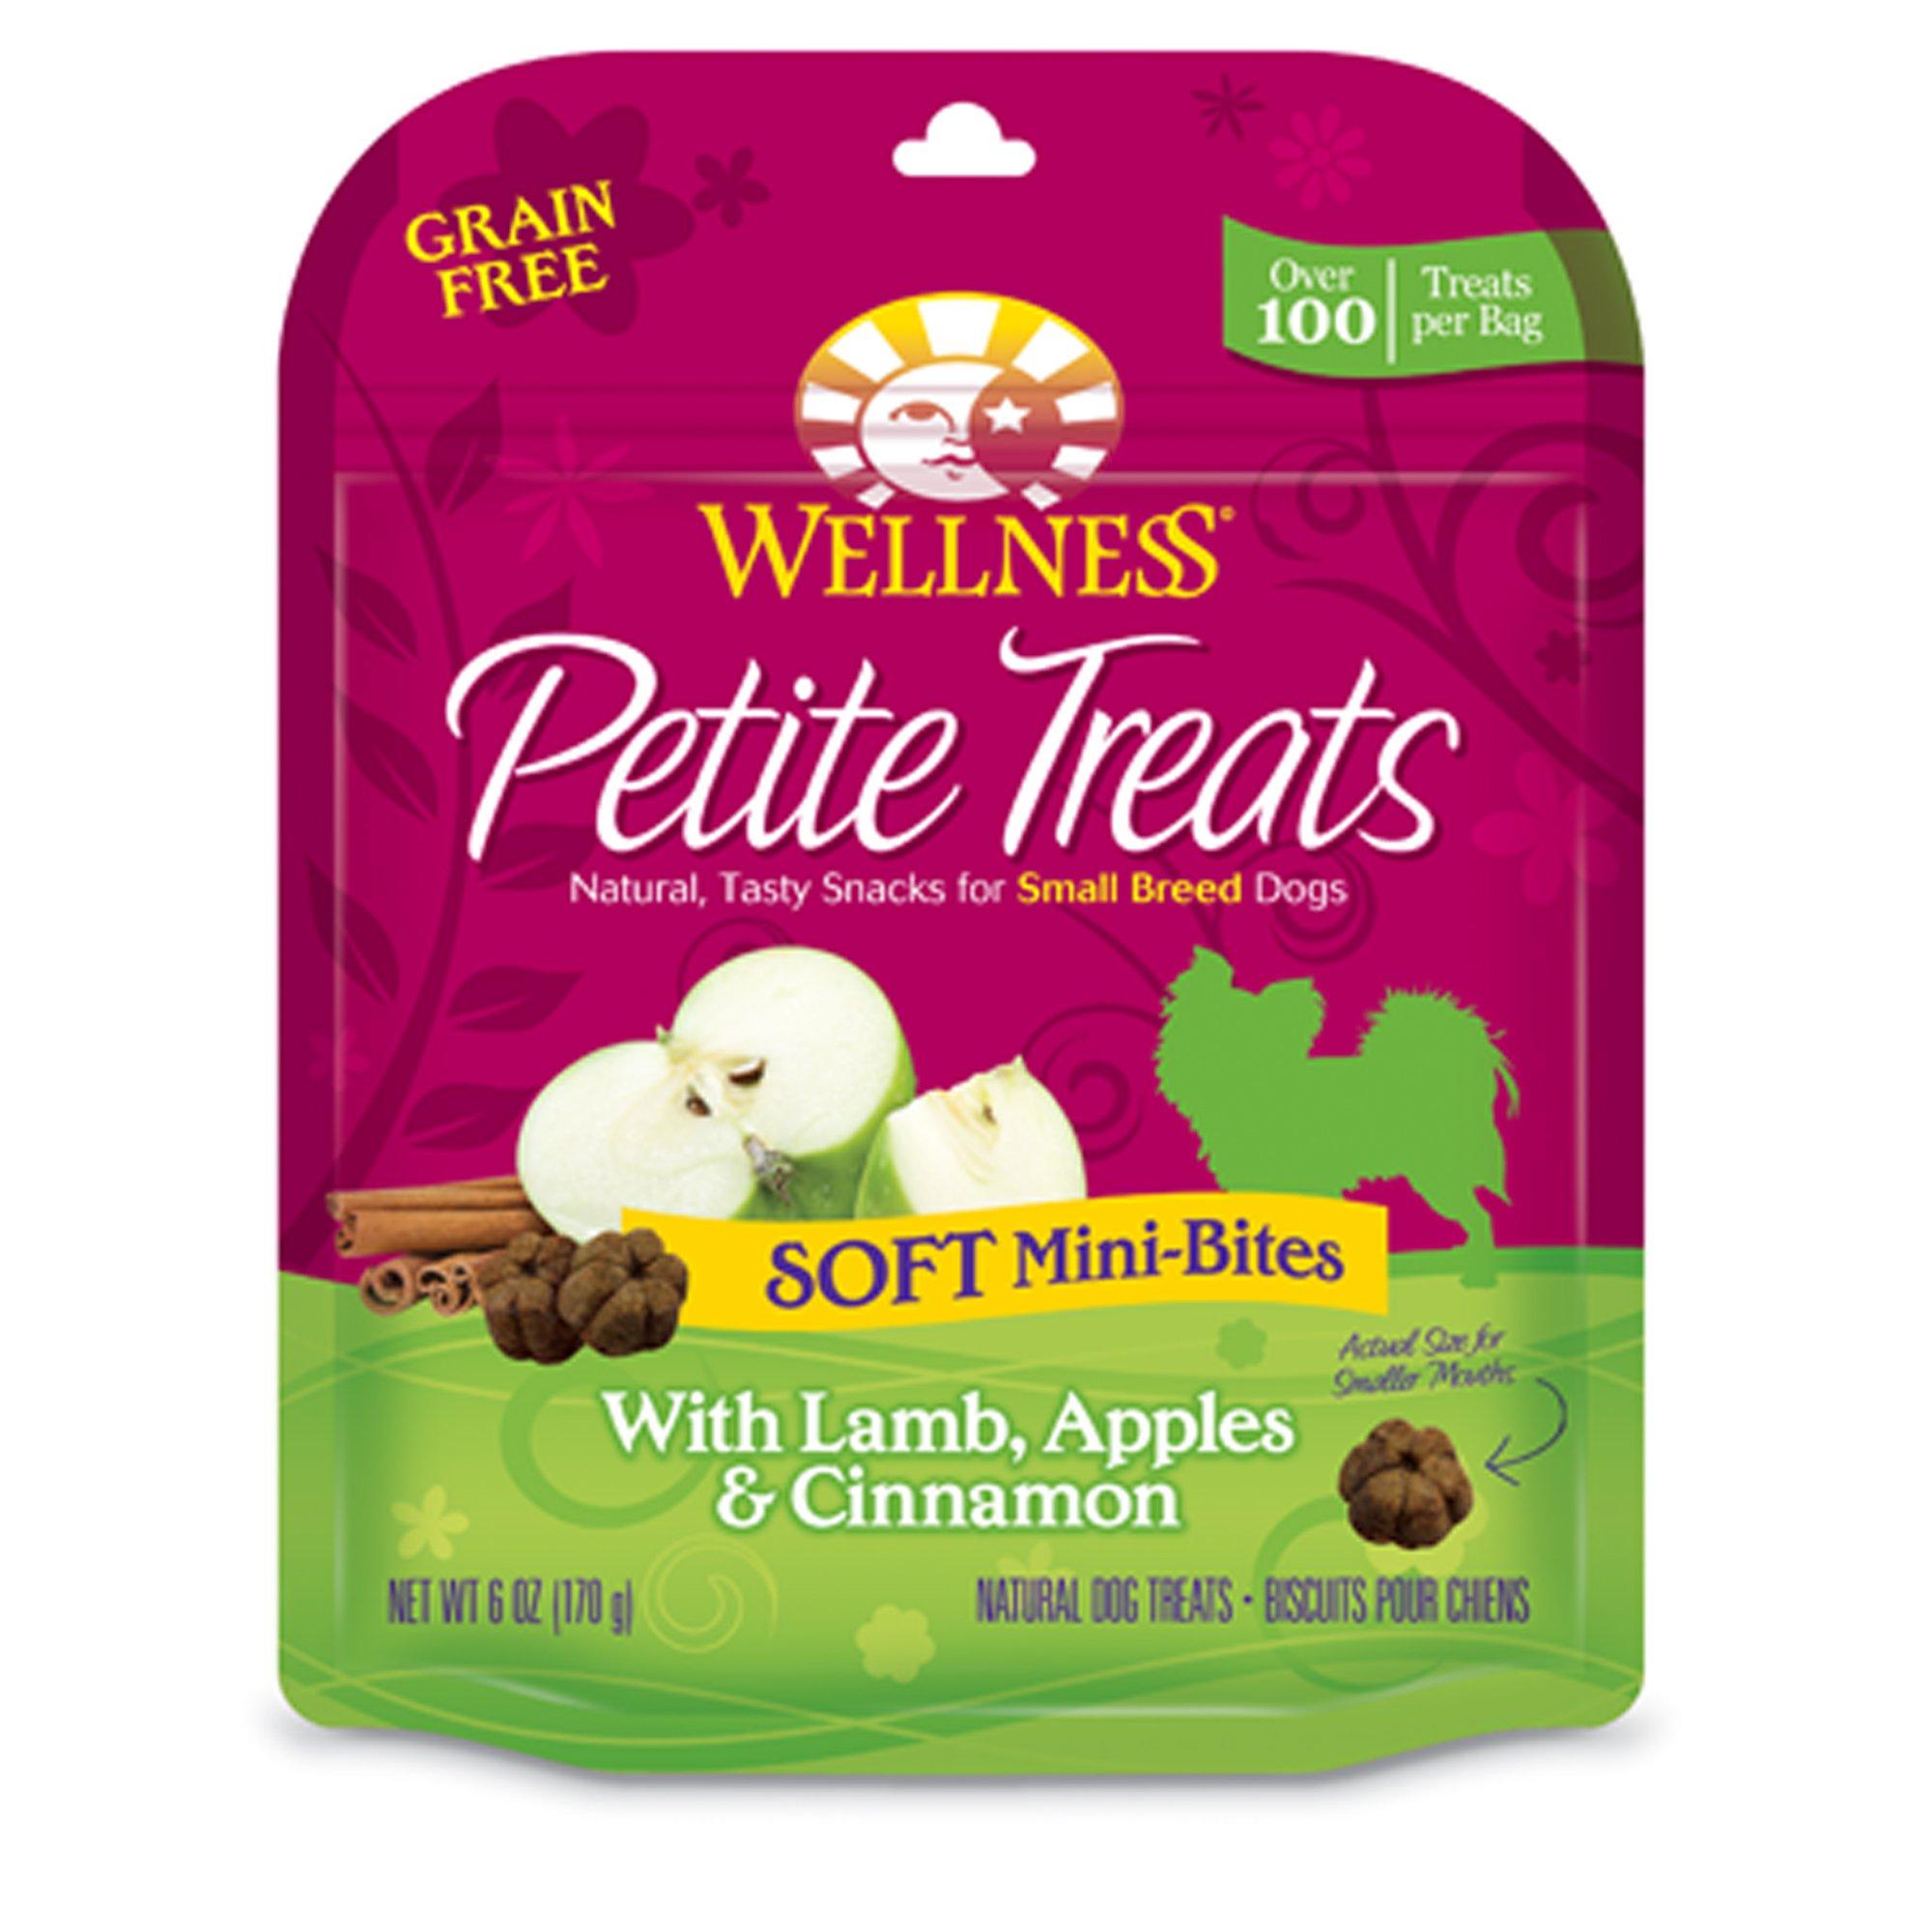 Wellness Petite Soft Mini-Bites with Lamb, Apples & Cinnamon Small Breed Dog Treats